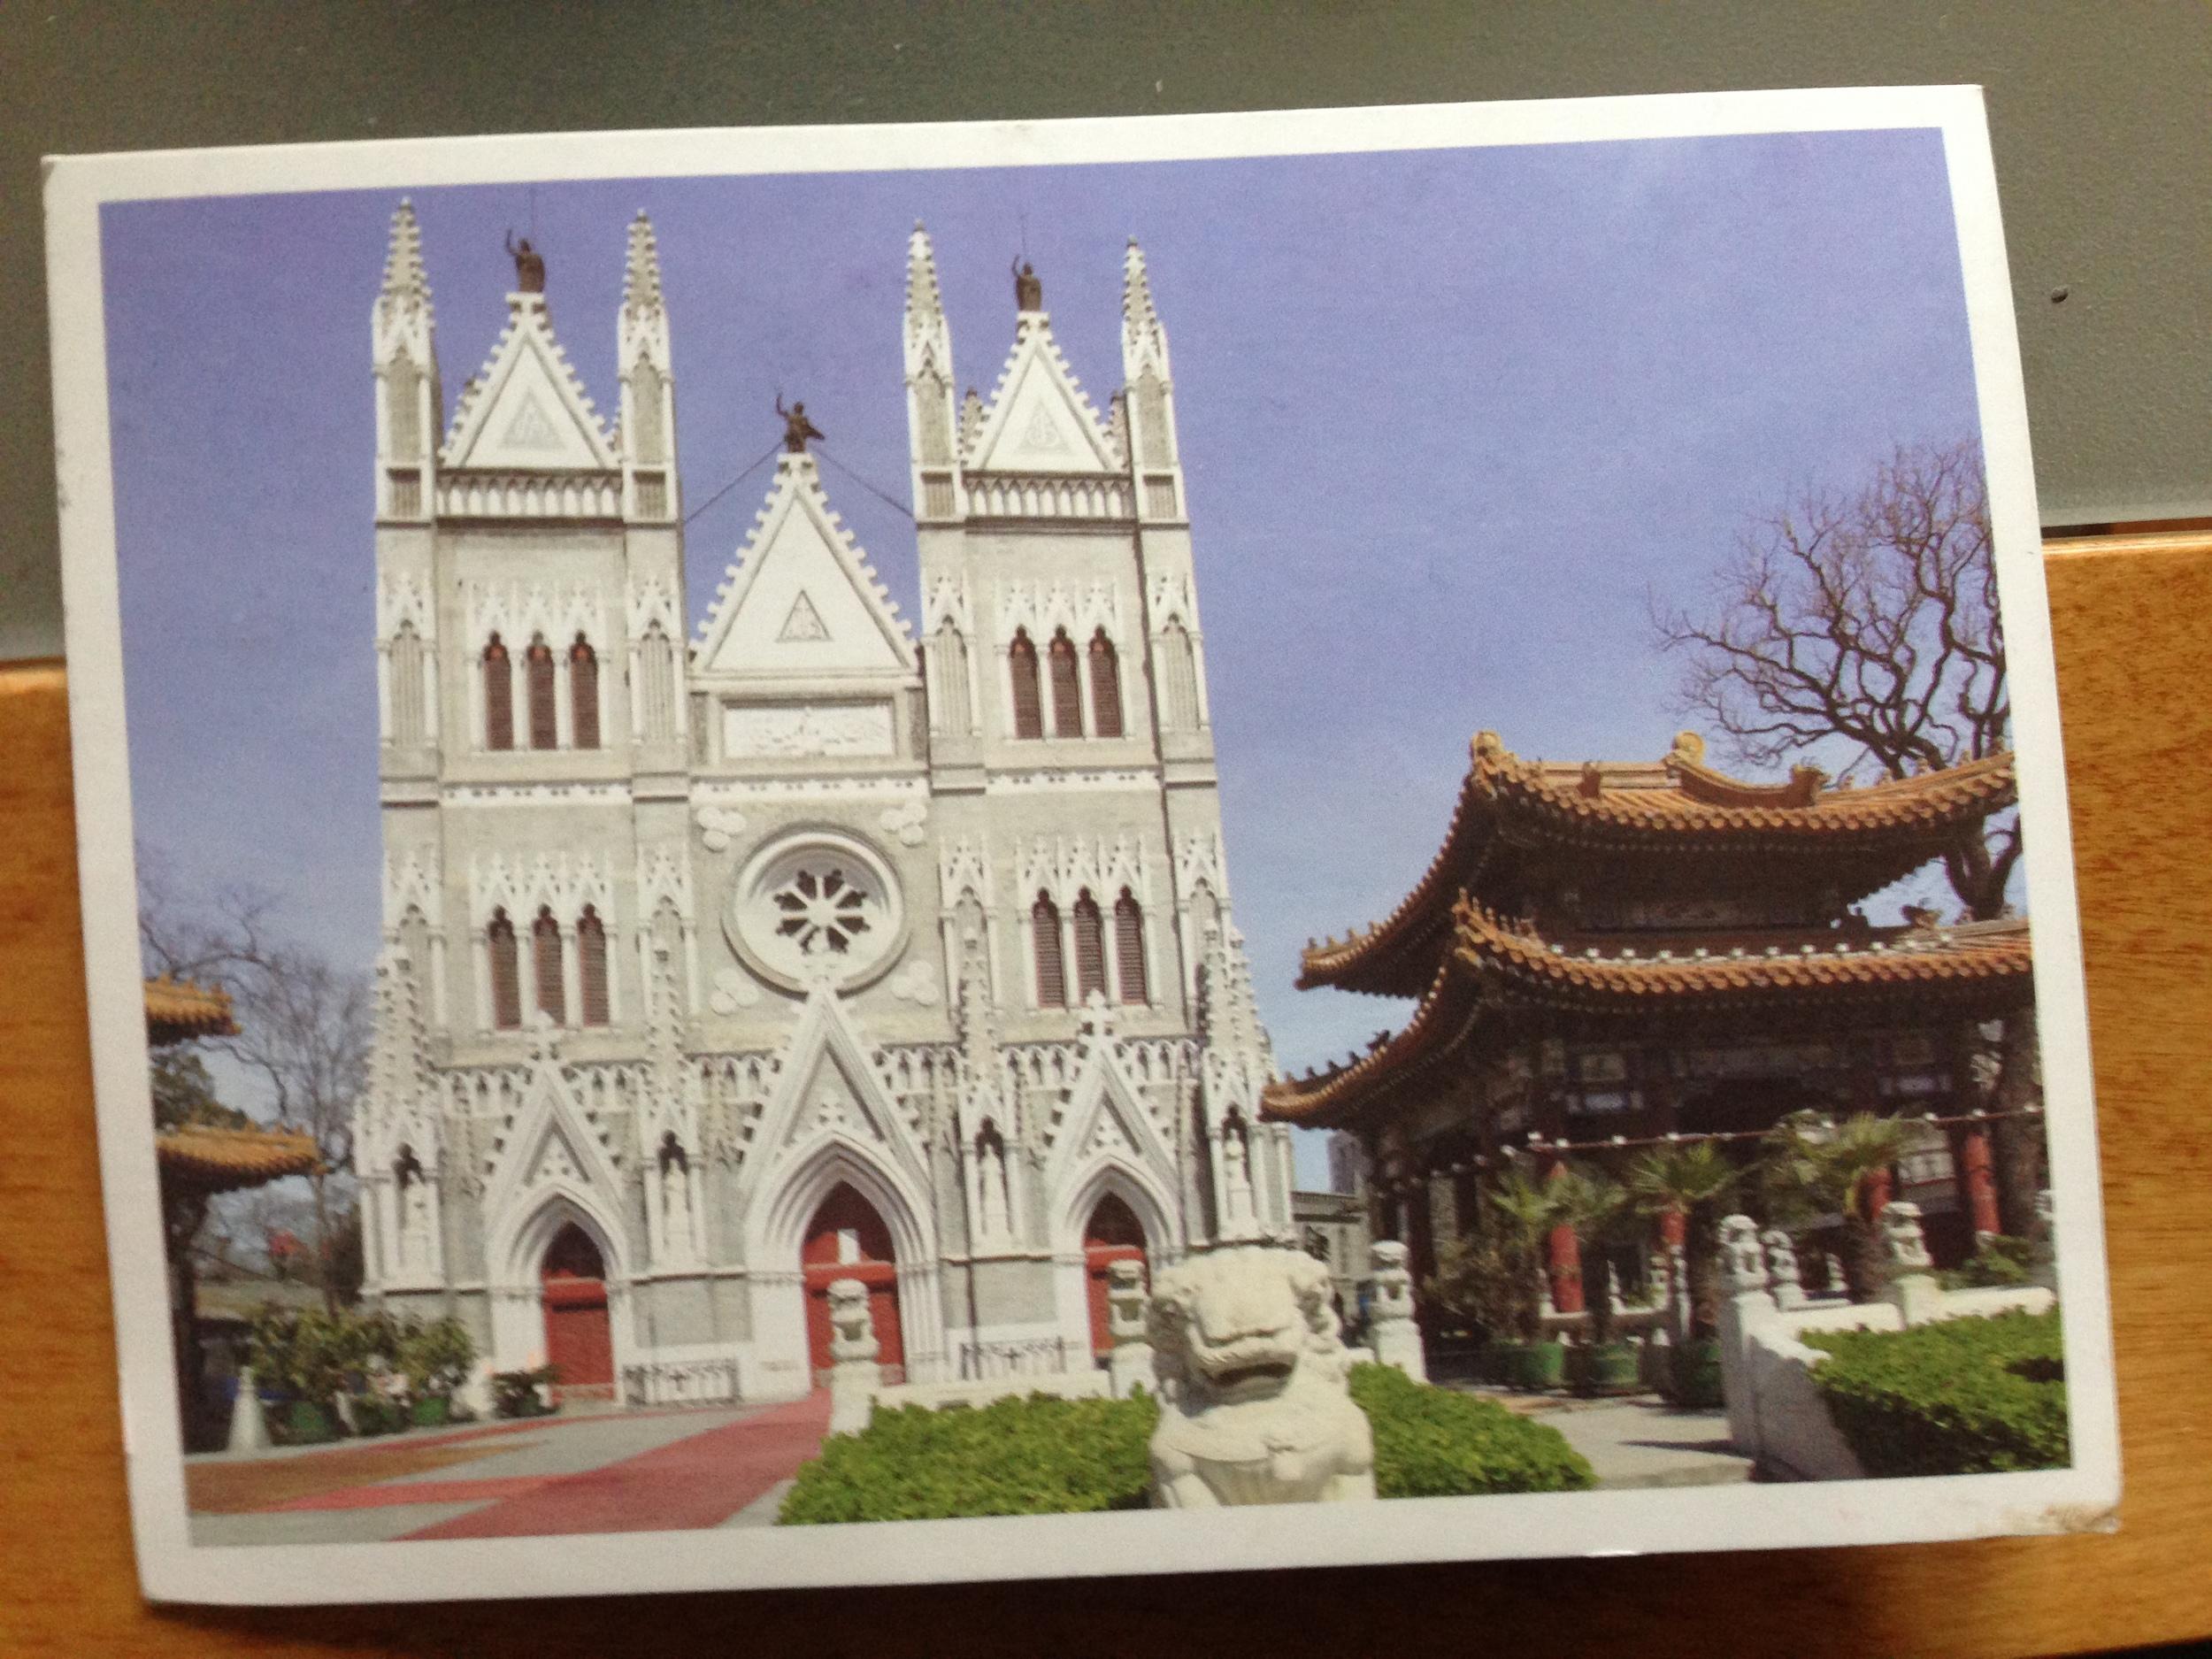 Dette postkortet kommer fra Beijing i Kina. Foto: Odd Roar Lange